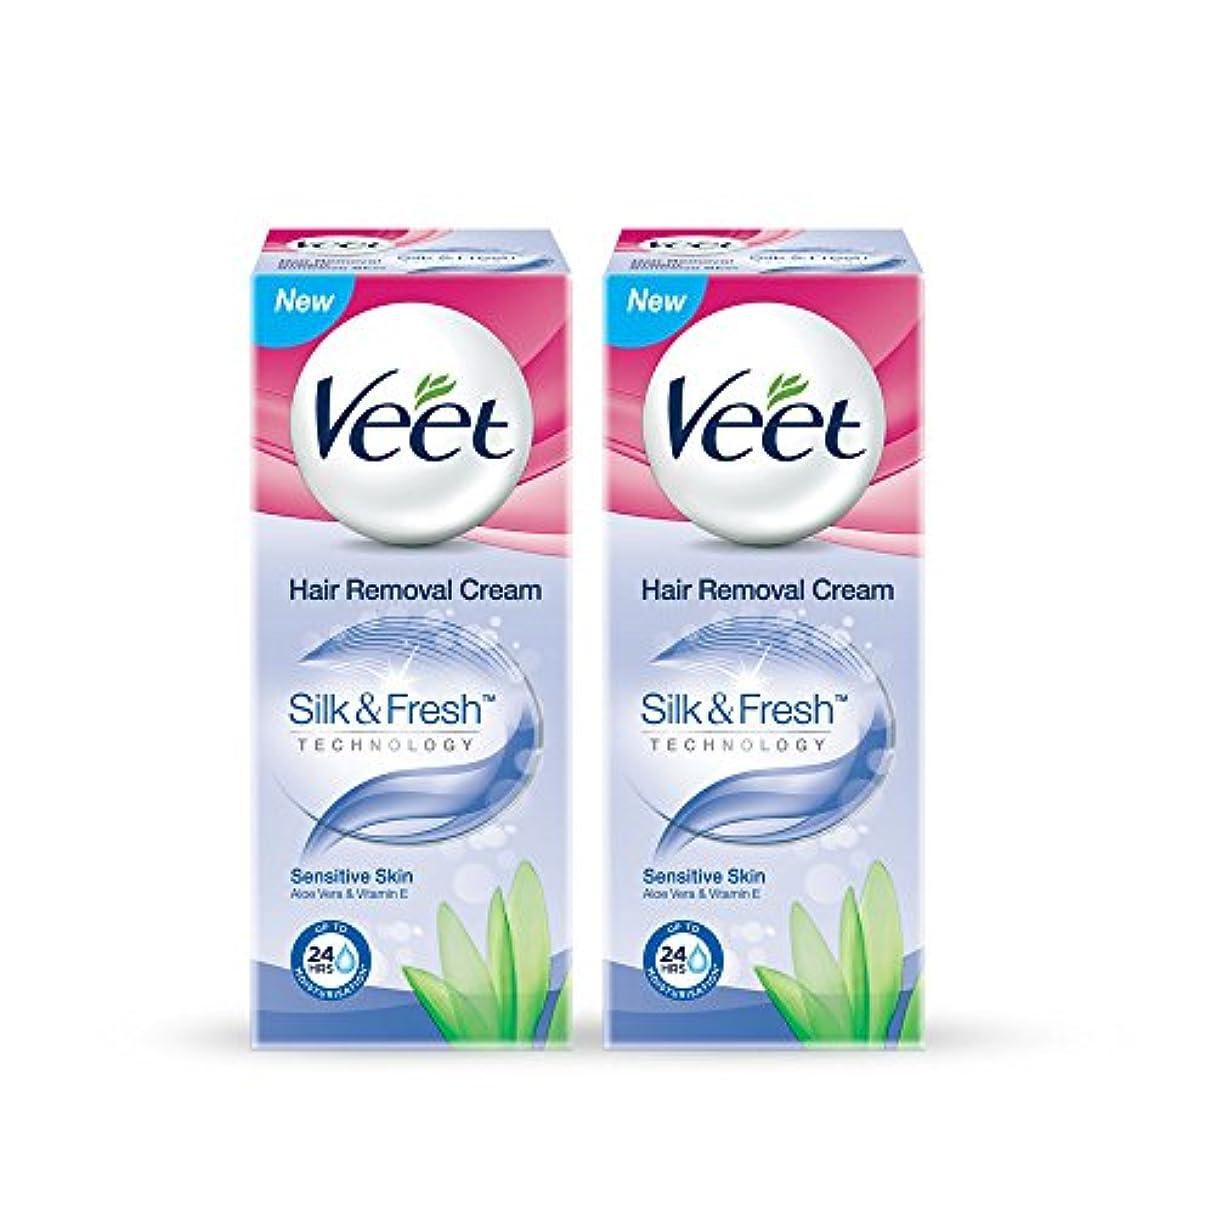 ペルメル口径合成Veet Hair Removal Gel Cream For Sensitive Skin With Aloe Vera and Vitamin E 25 g (Pack of 2)